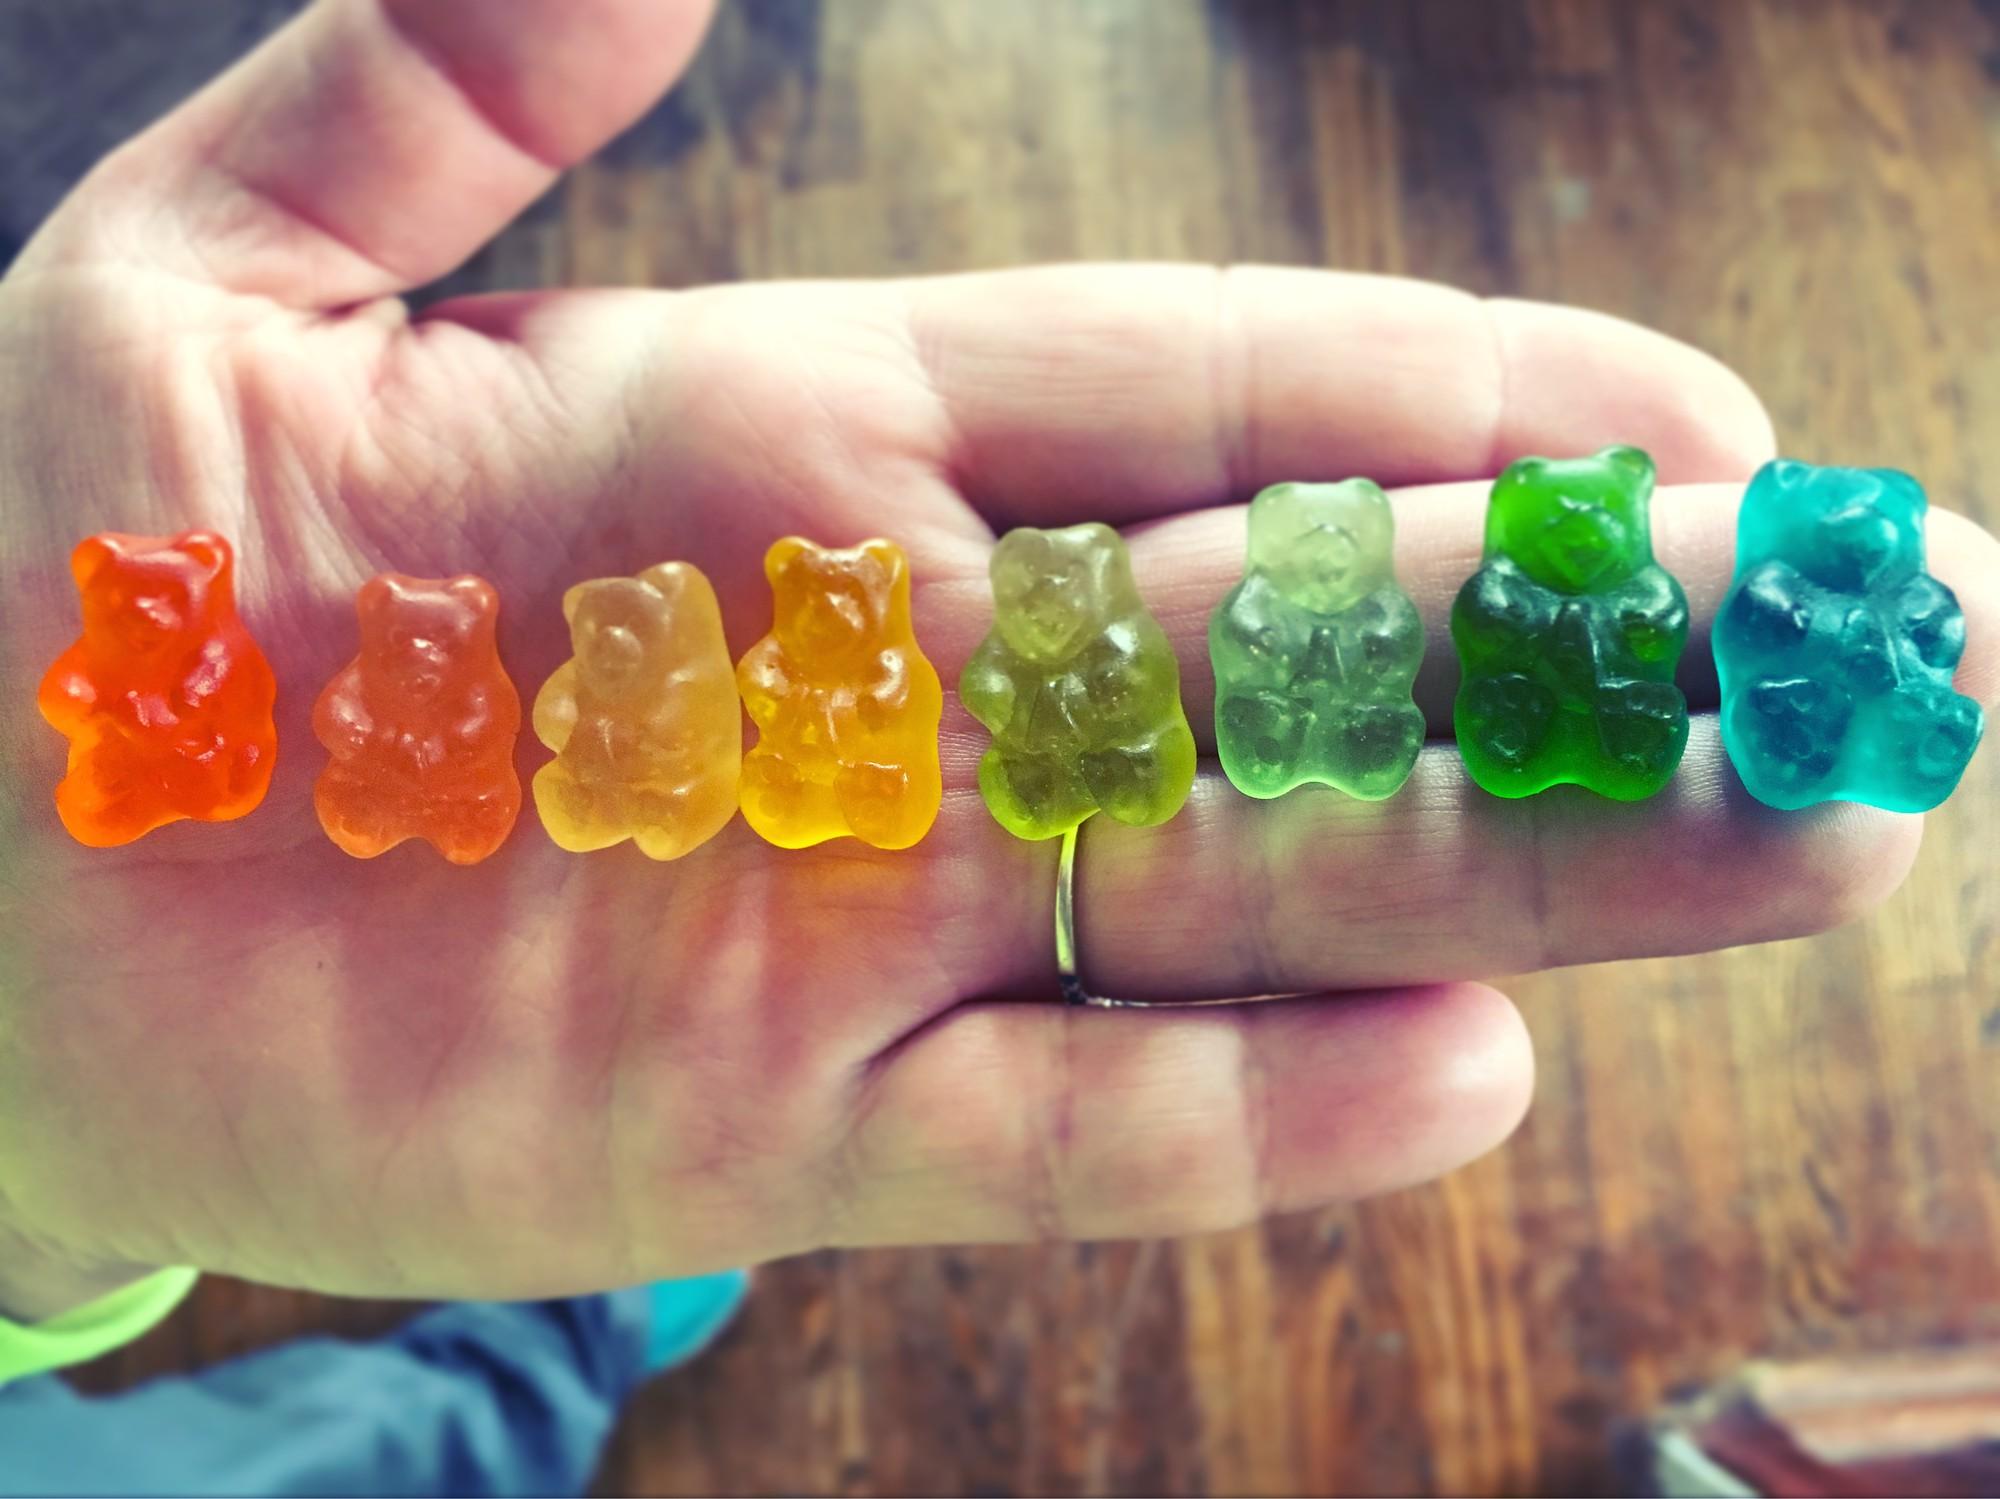 14 tác phẩm mãn nhãn khiến fan kẹo dẻo phát cuồng - Ảnh 13.